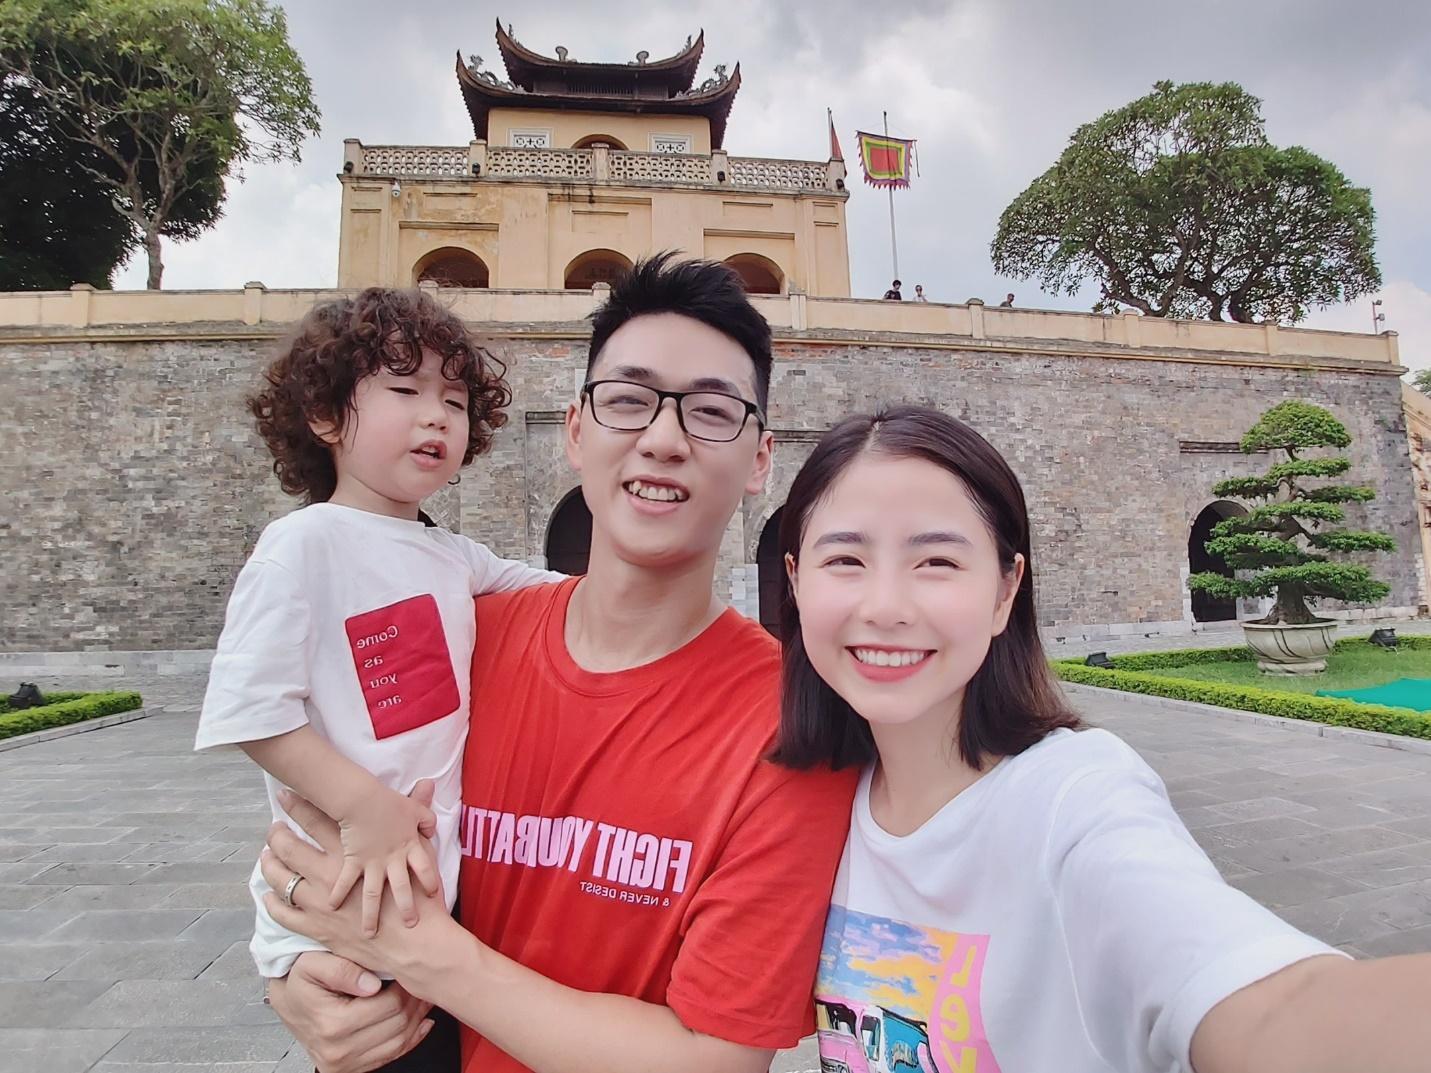 Trai xinh Trần Ba Duy và gái đẹp Thảo Nari cùng bật mí vũ khí bí mật khi livestream - Ảnh 6.